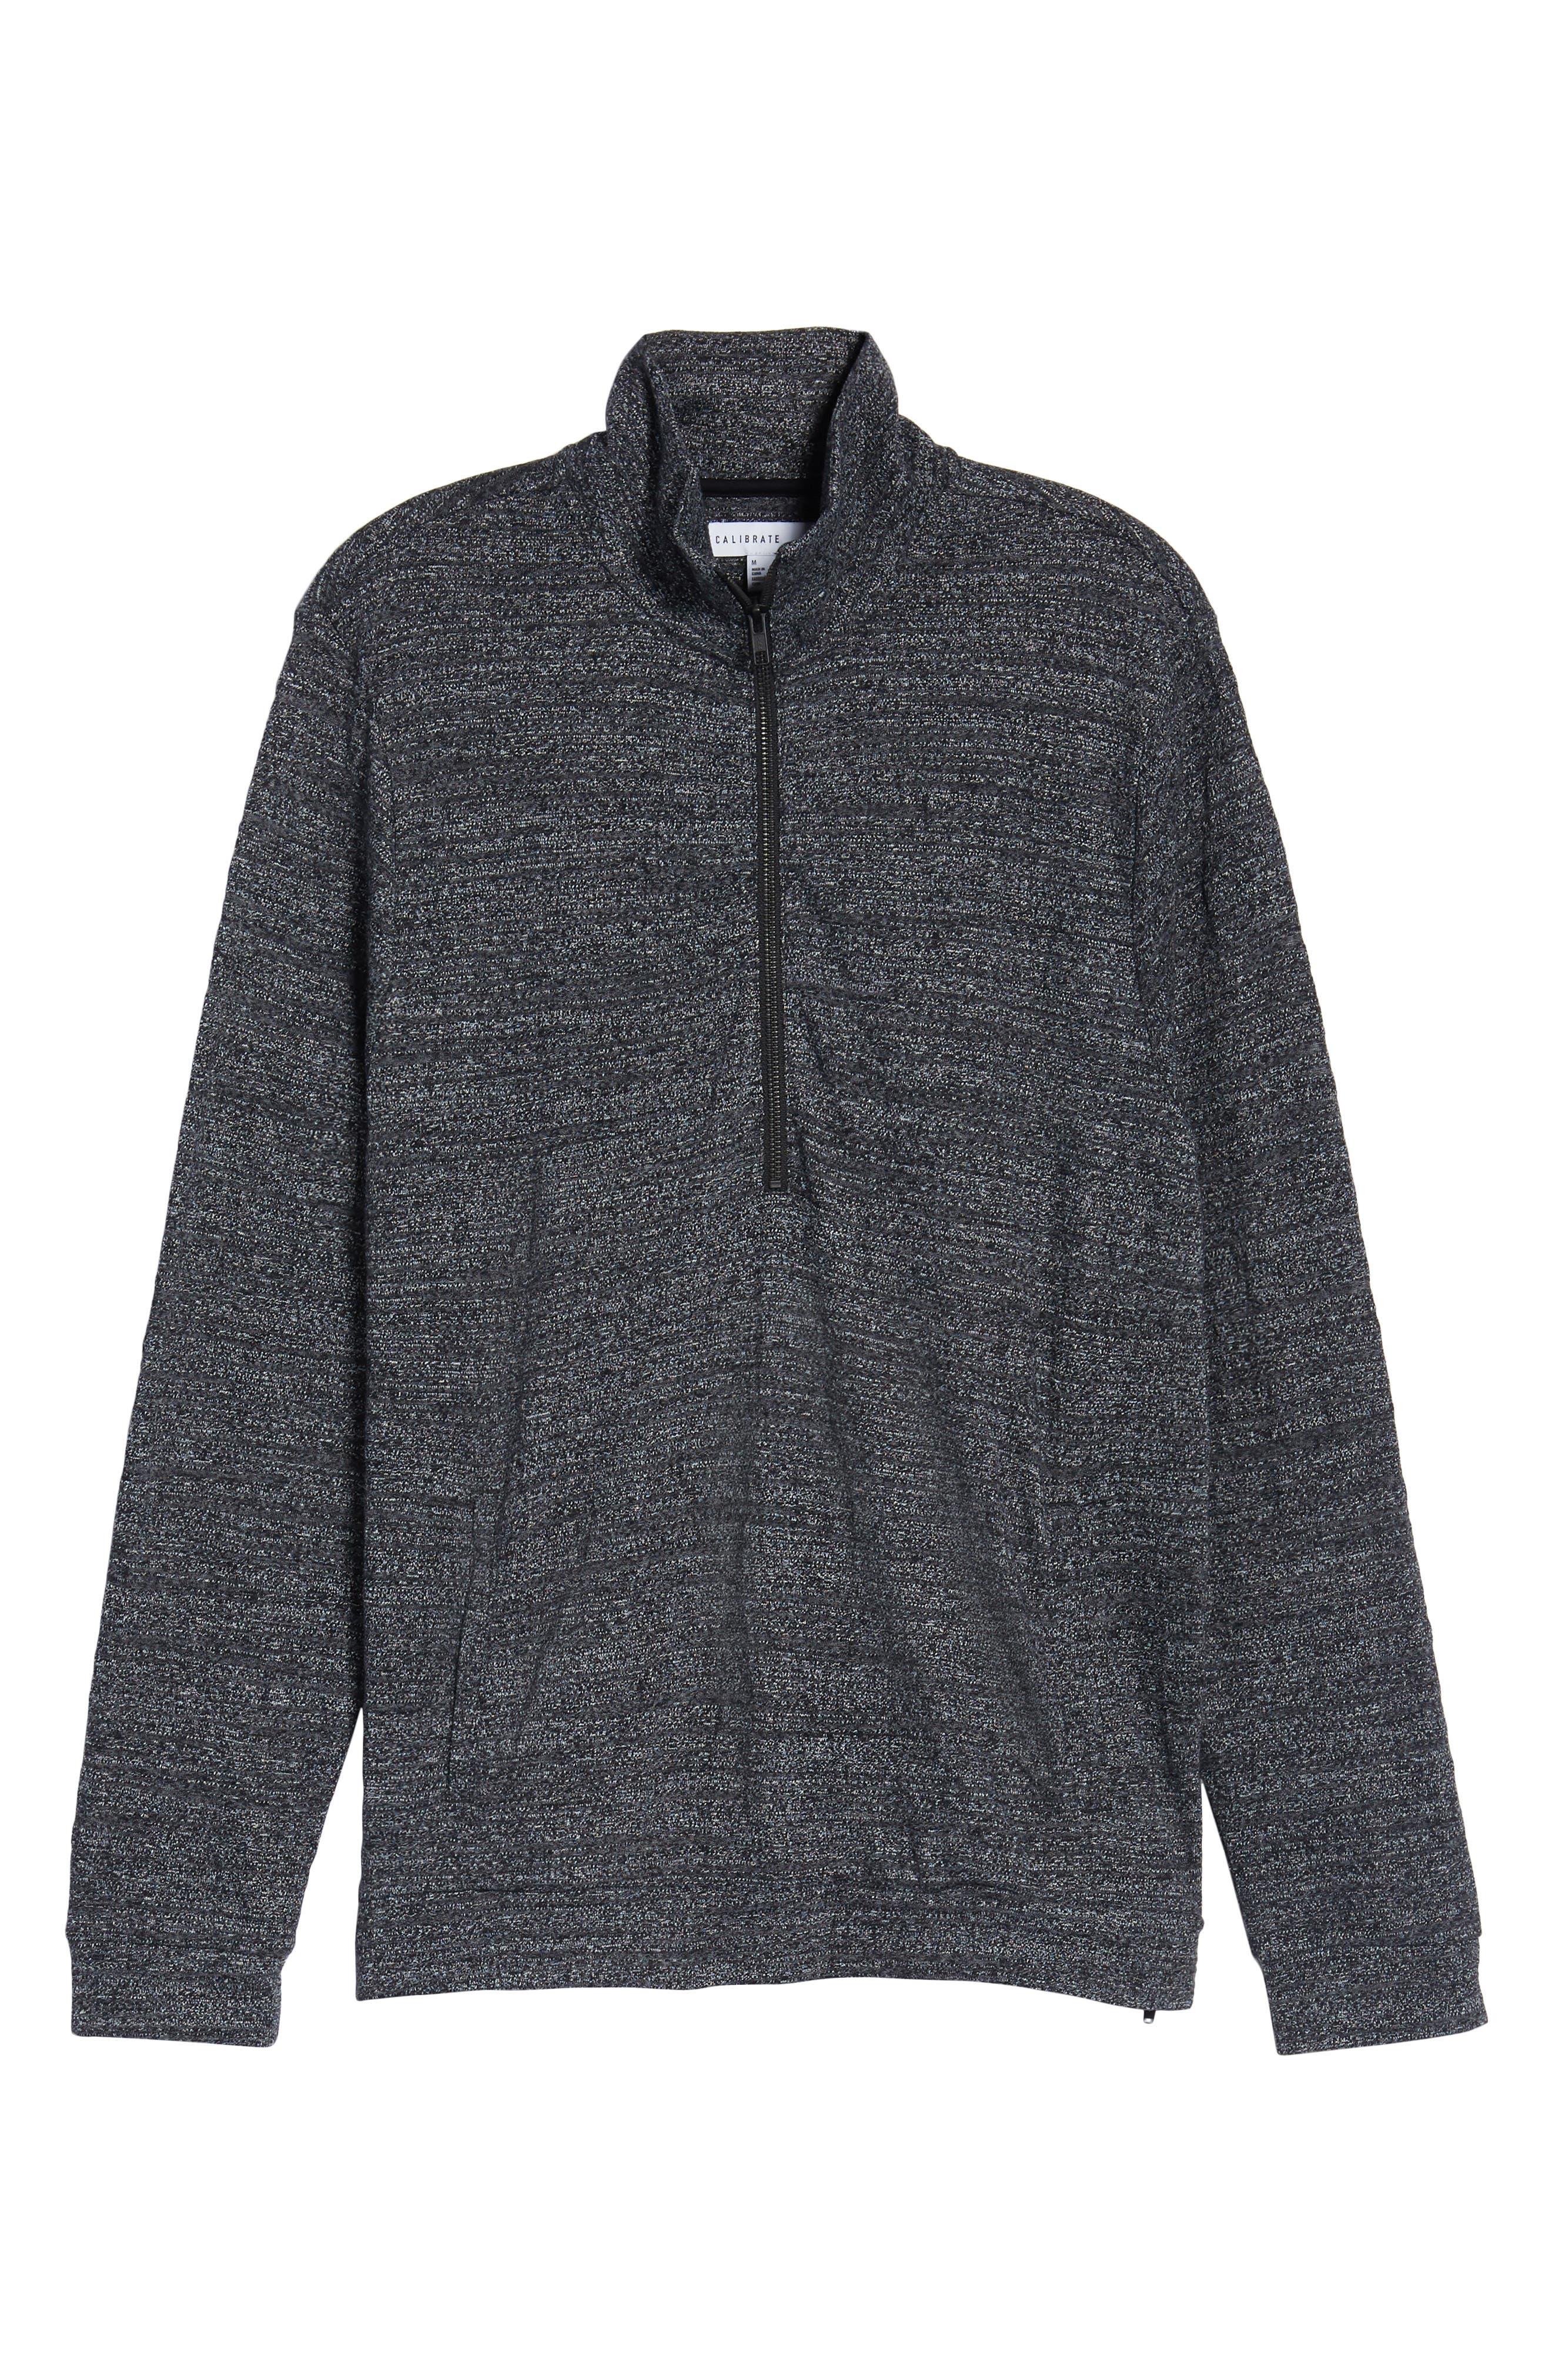 CALIBRATE,                             Textured Zip Fleece Sweatshirt,                             Alternate thumbnail 6, color,                             001